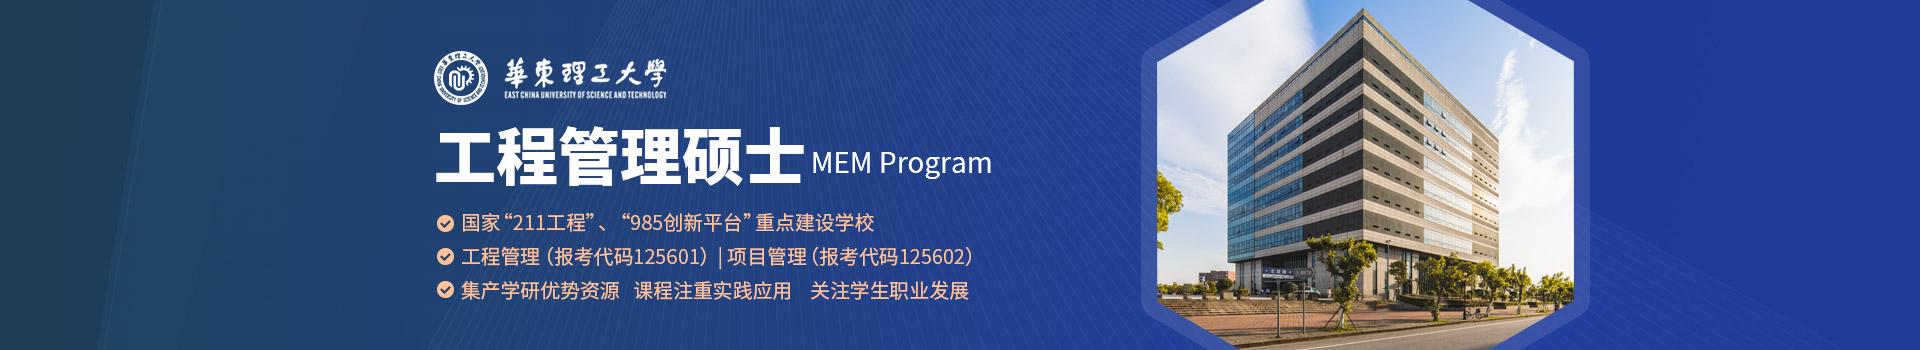 华东理工大学MEM